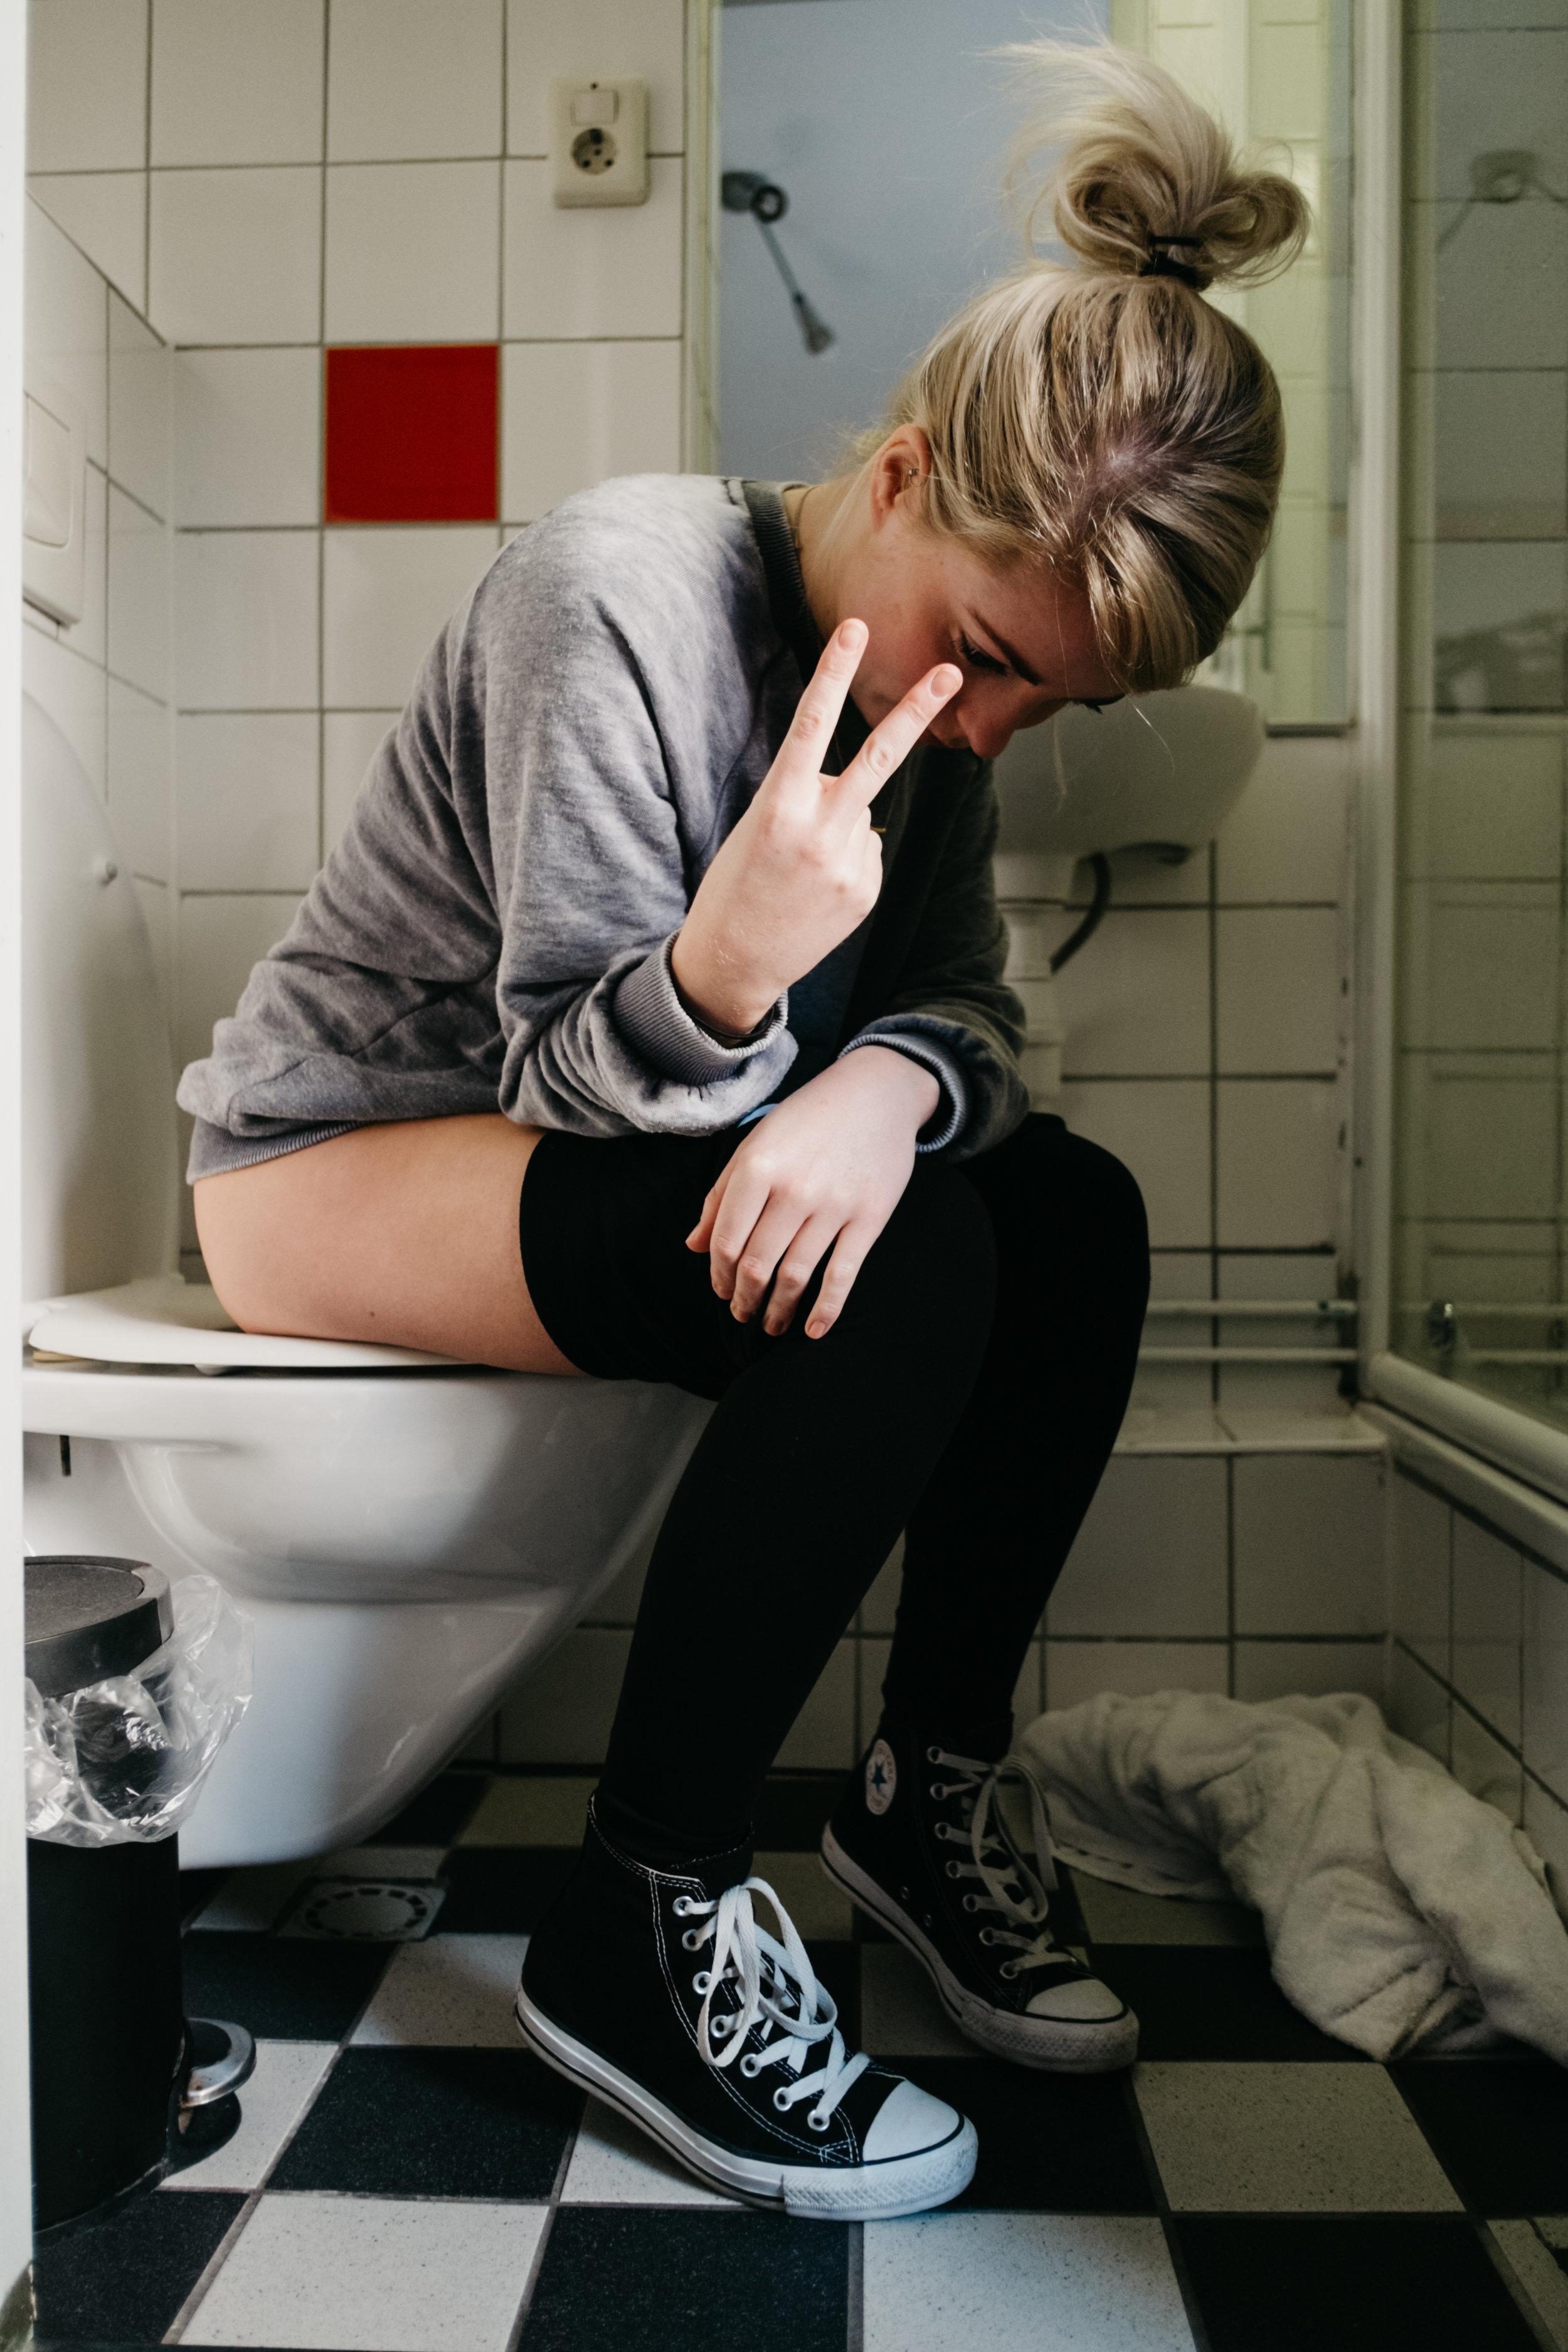 woman-on-toilet